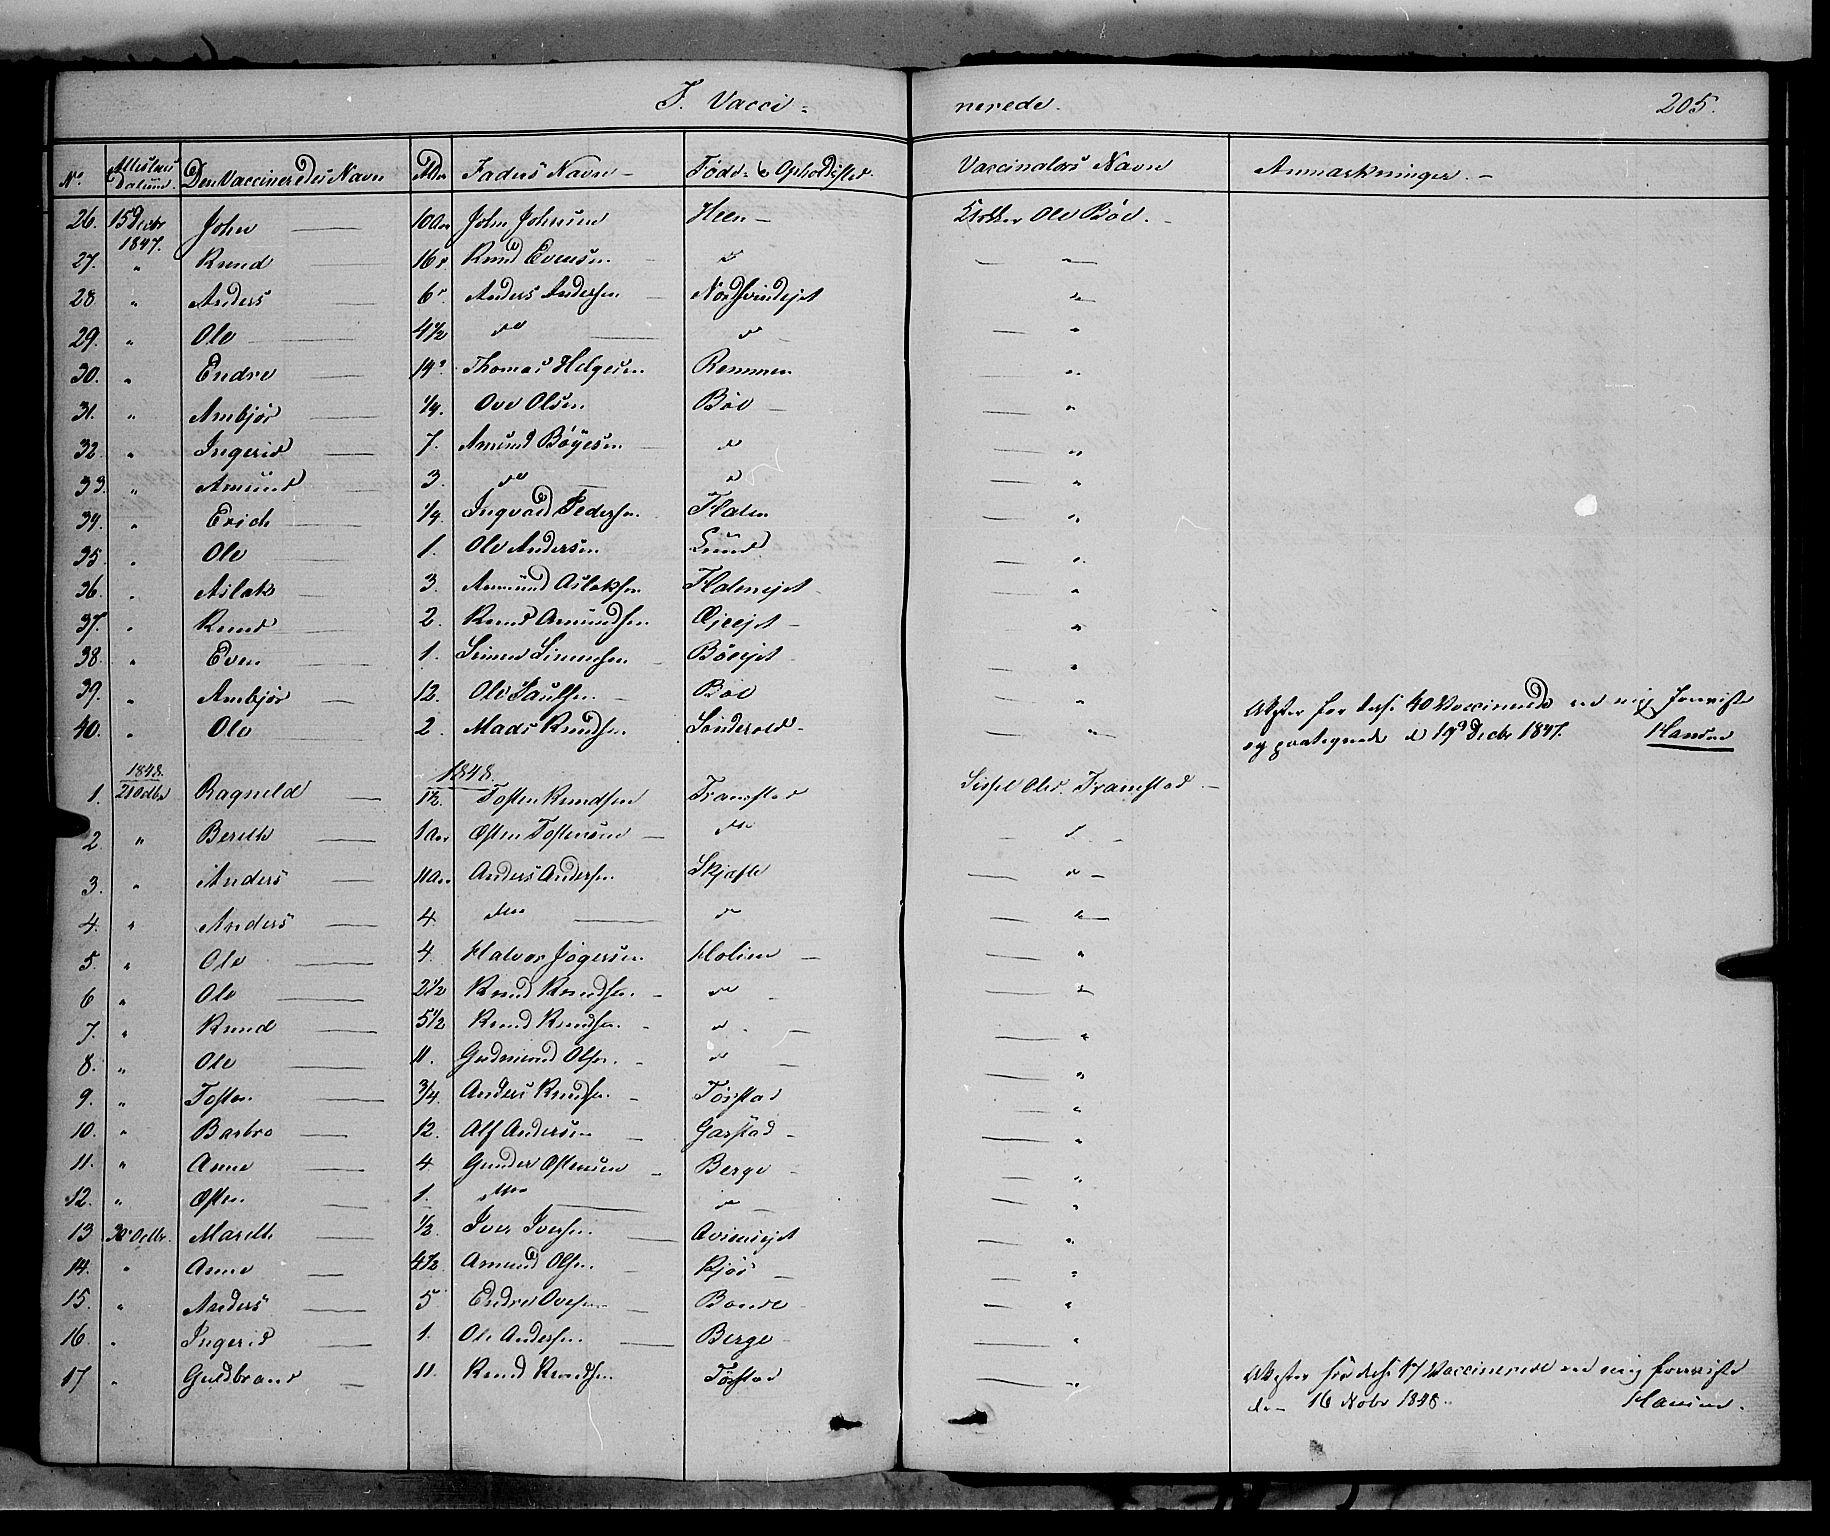 SAH, Vang prestekontor, Valdres, Ministerialbok nr. 6, 1846-1864, s. 205